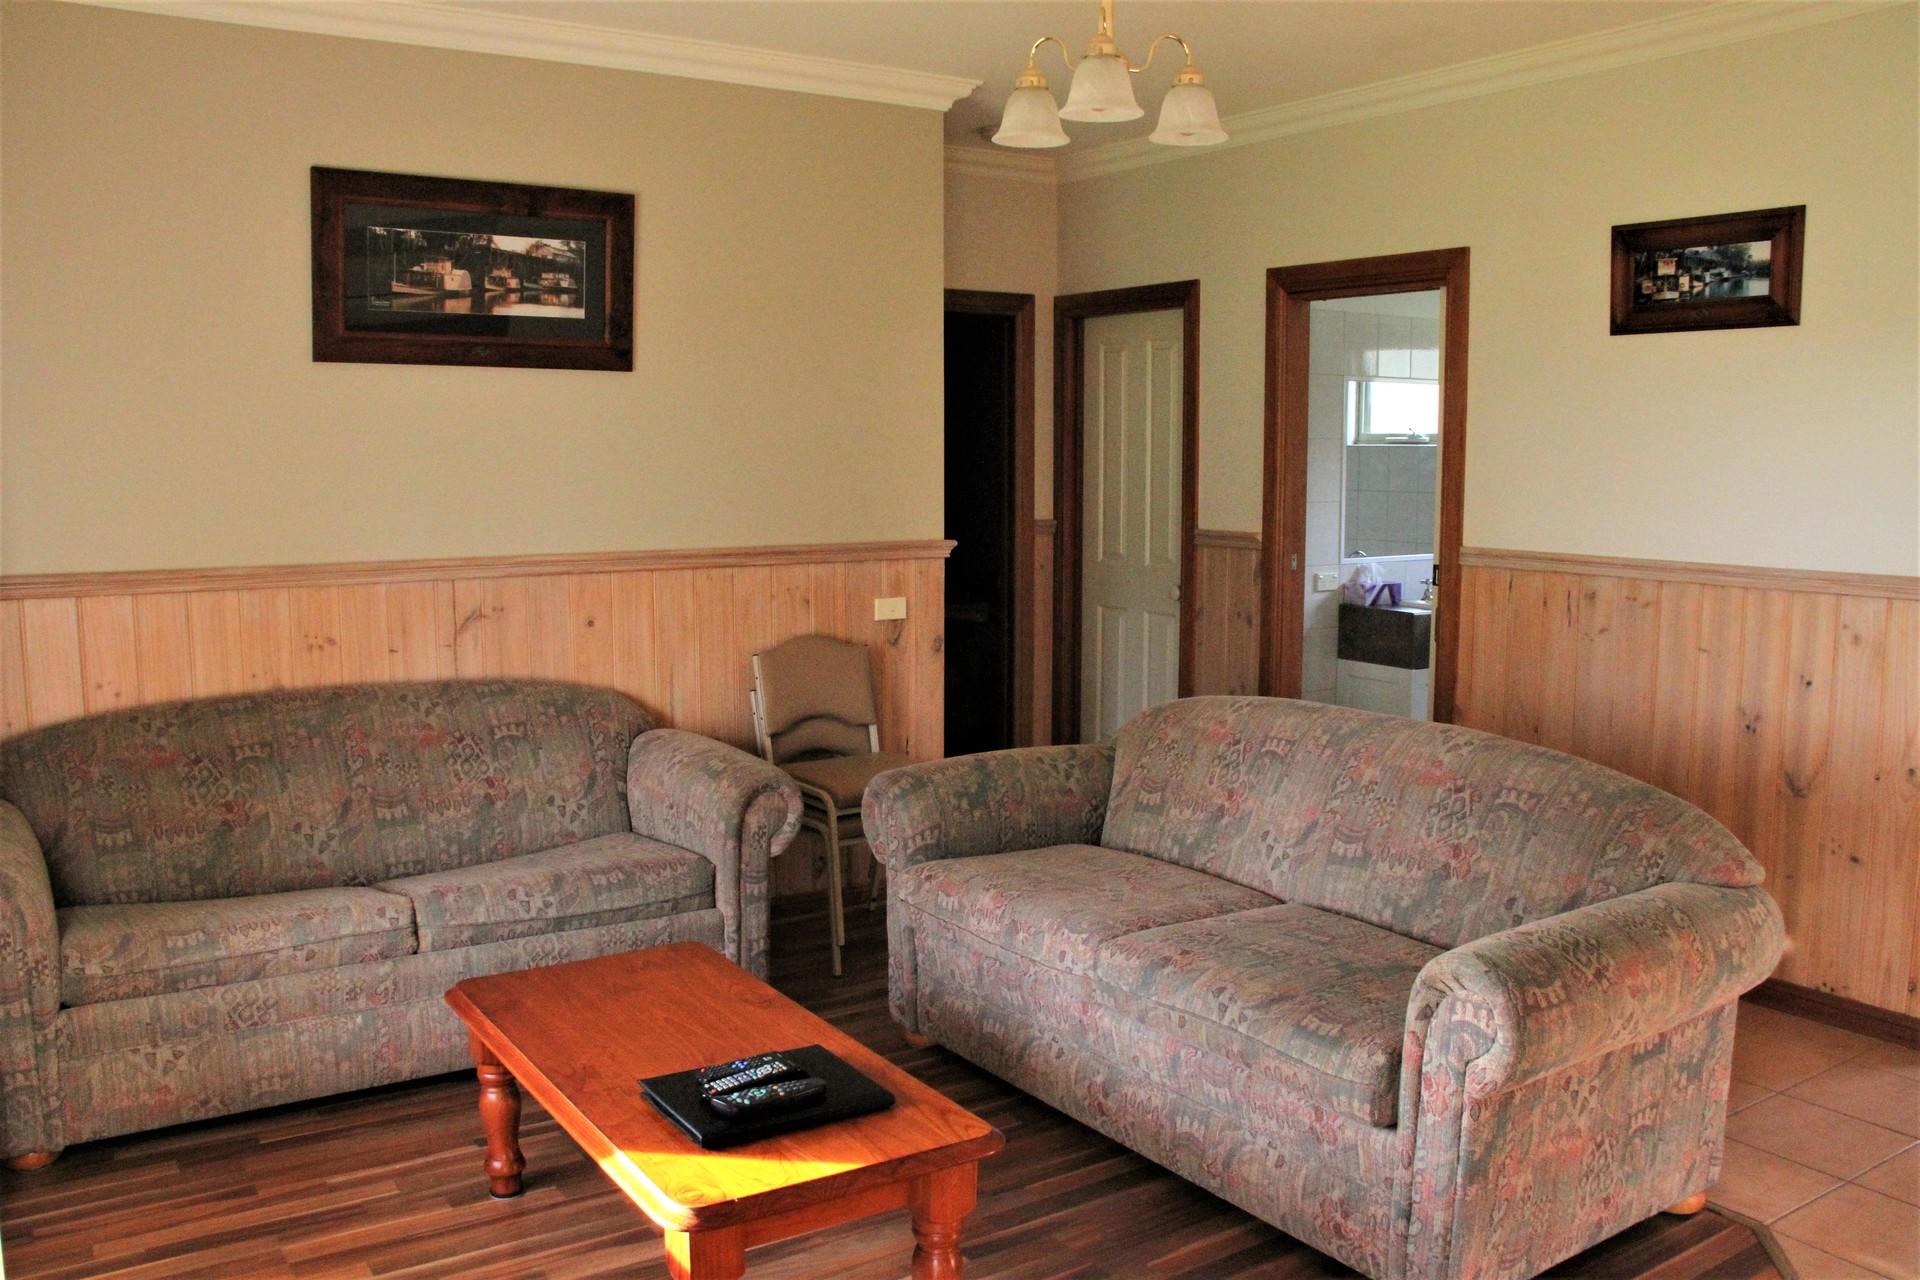 l - Murray River Resort